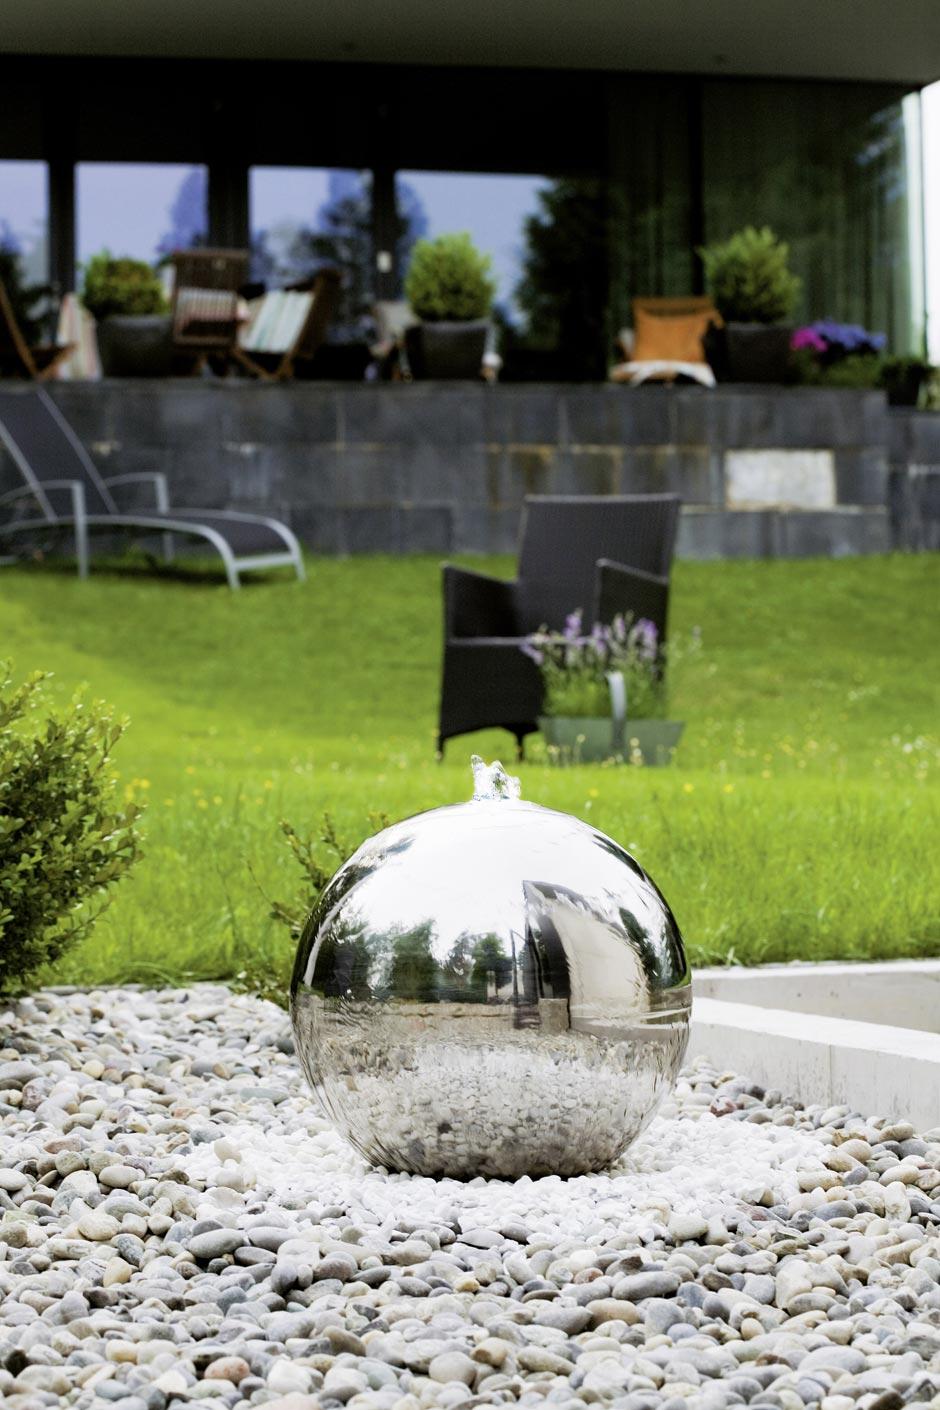 fontaine de jardin sph re inox 50cm seliger sp cialiste des fontaines int rieur et jardin. Black Bedroom Furniture Sets. Home Design Ideas